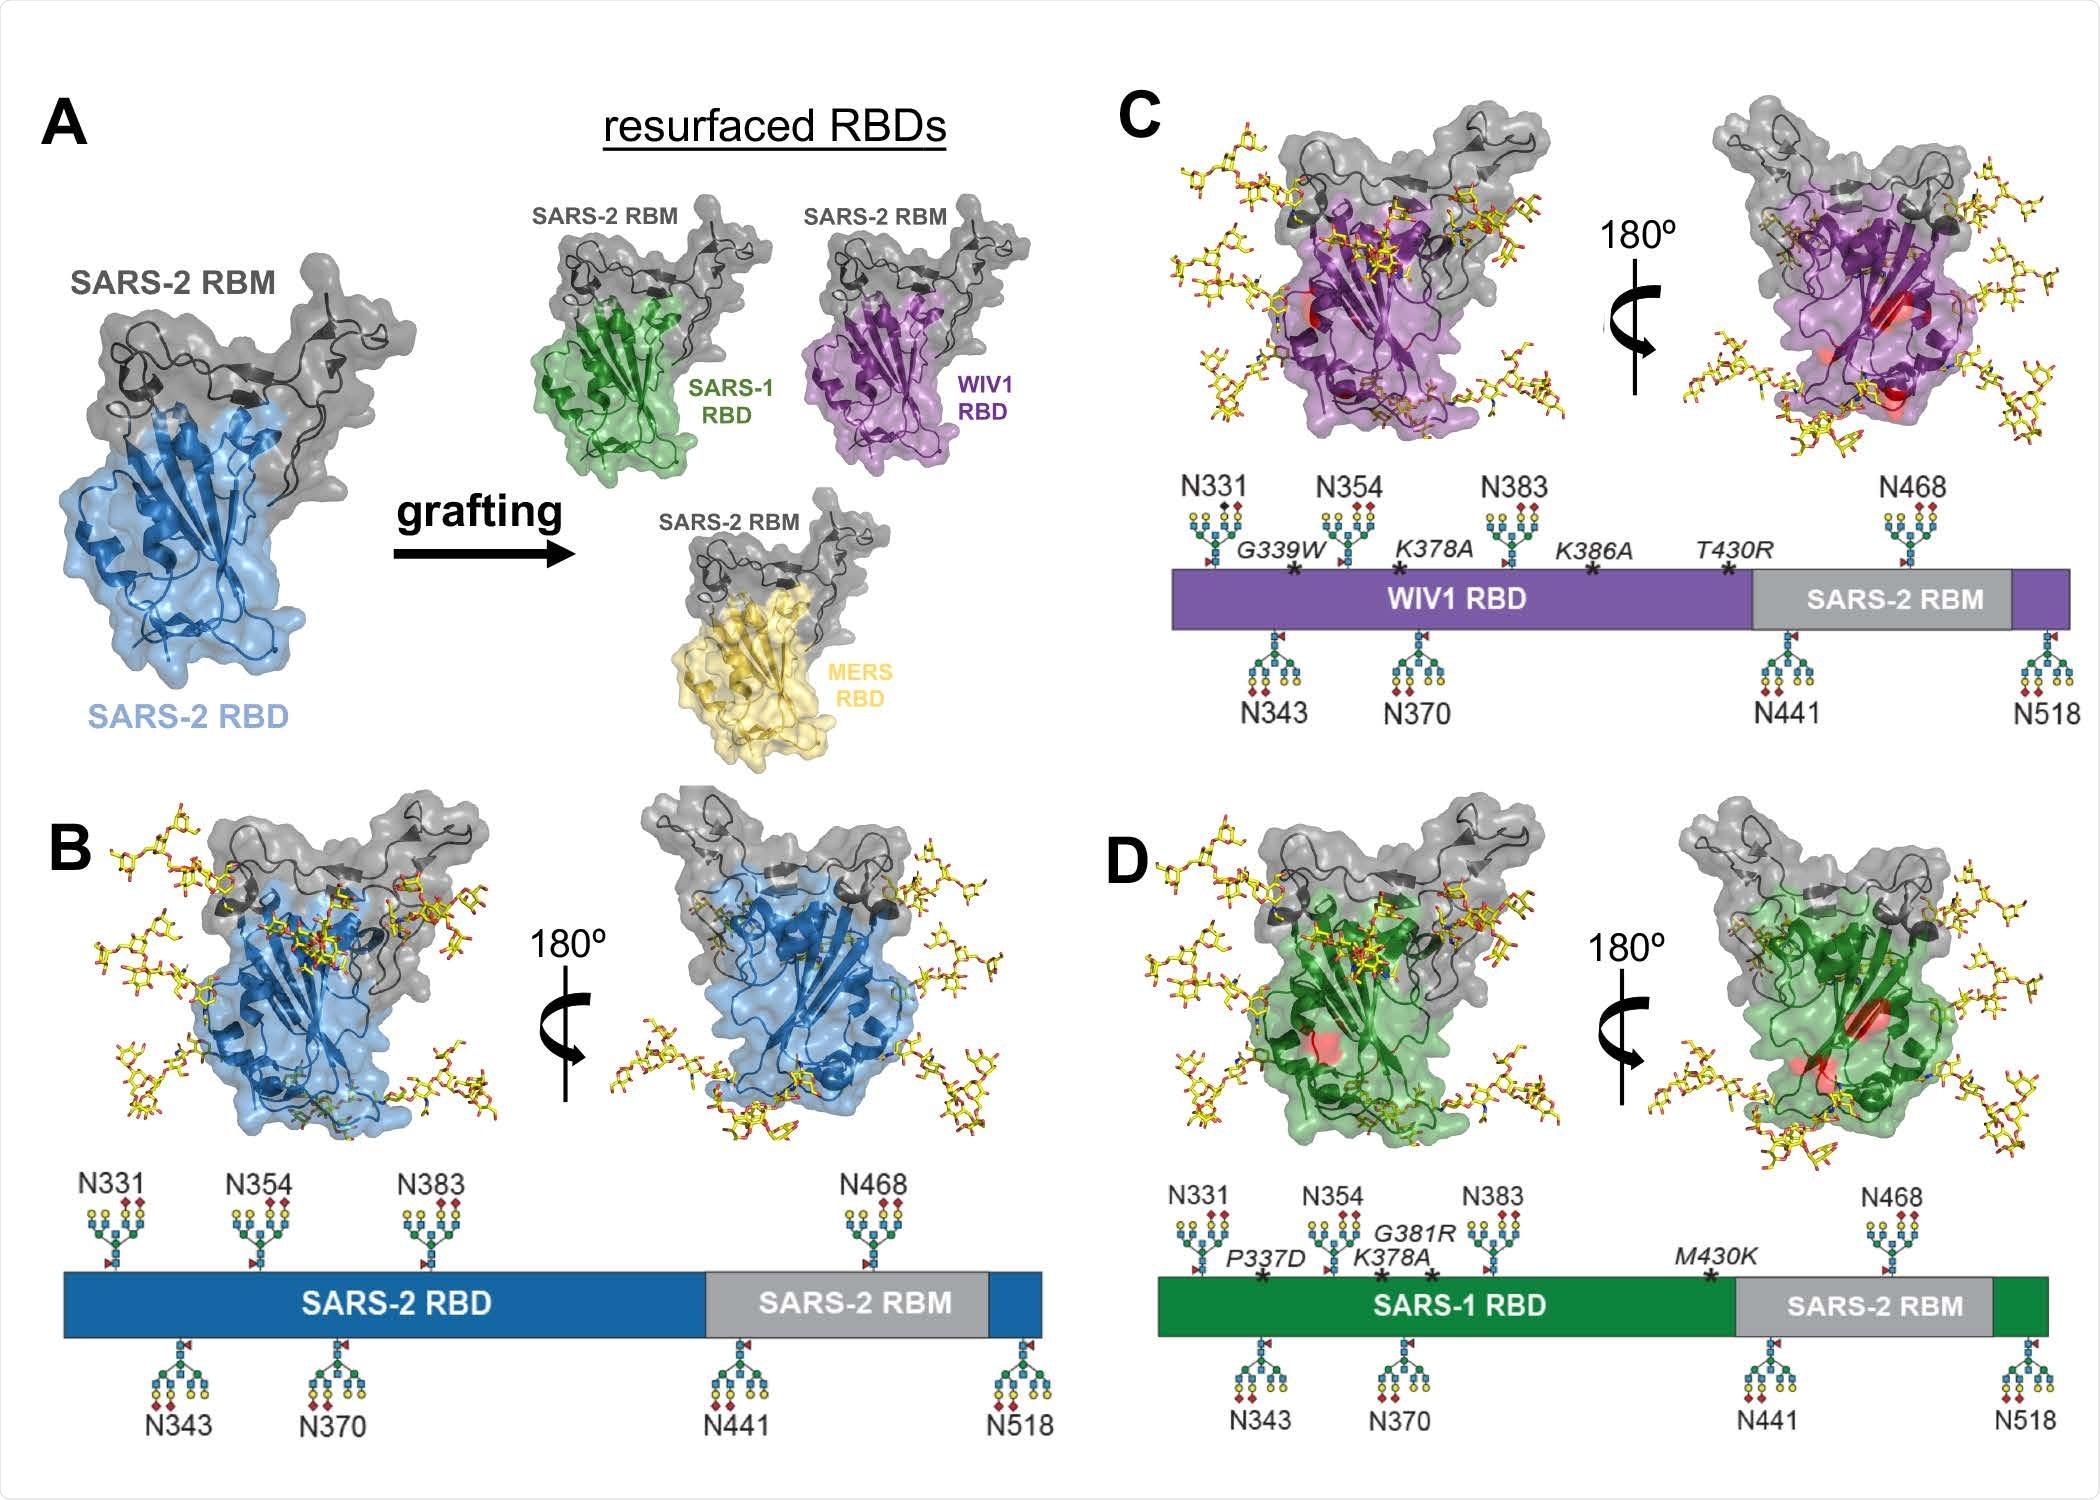 Approcci di hyperglycosylation e rifare la superficie per immune-messa a fuoco. (A) Disegno schematico di progettazione per rifare la superficie di SARS-1 (rsSARS-1) e di WIV1 (rsWIV1) con il motivo obbligatorio del ricevitore SARS-2. Disegno schematico di progettazione per hyperglycosylating SARS-2 (B), rsSARS-1 (C) e rsWIV1 (D) domini obbligatori del ricevitore. i glycans costruiti Non indigeni e i glycans indigeni sono modellati; SARS-2 indigeno RBM glycan alla posizione 331 è omesso nel disegno schematico. Le mutazioni nel WIV1 e nel SARS-1 RBDs sono indicate nel rosso e sono stampate in corsivo nel diagramma lineare. Tutte le immagini sono state create facendo uso del PDB 6M0J.